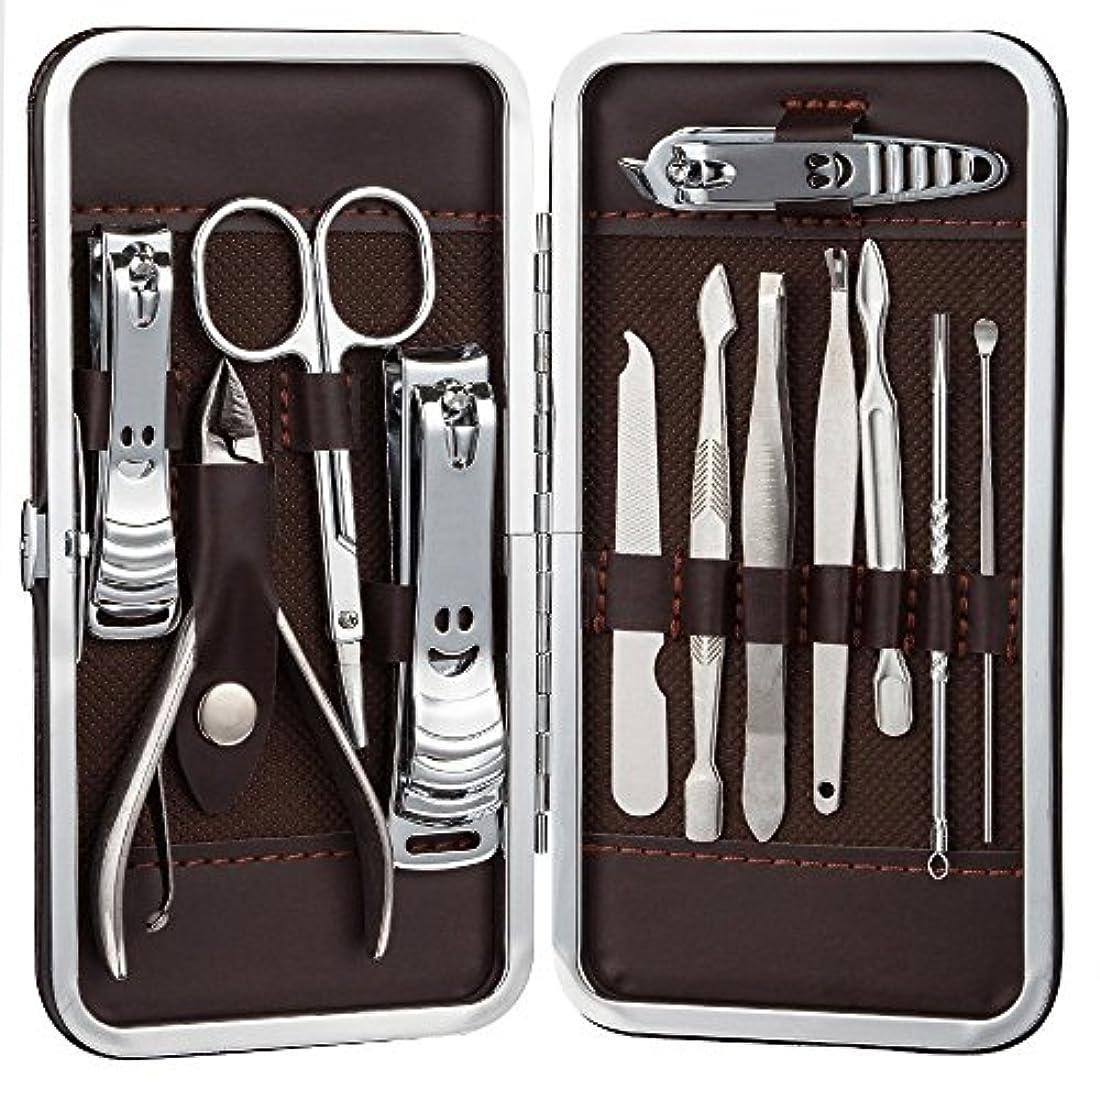 去る儀式頑丈STARTRIP ネイルはさみネイルクリッパートラベルセット、プロフェッショナルステンレスネイルケアセットベビーセーフネイルクリッパーパーソナルマニキュアセットペディキュアセットは、男性と女性のための指、手足で使用爪切り